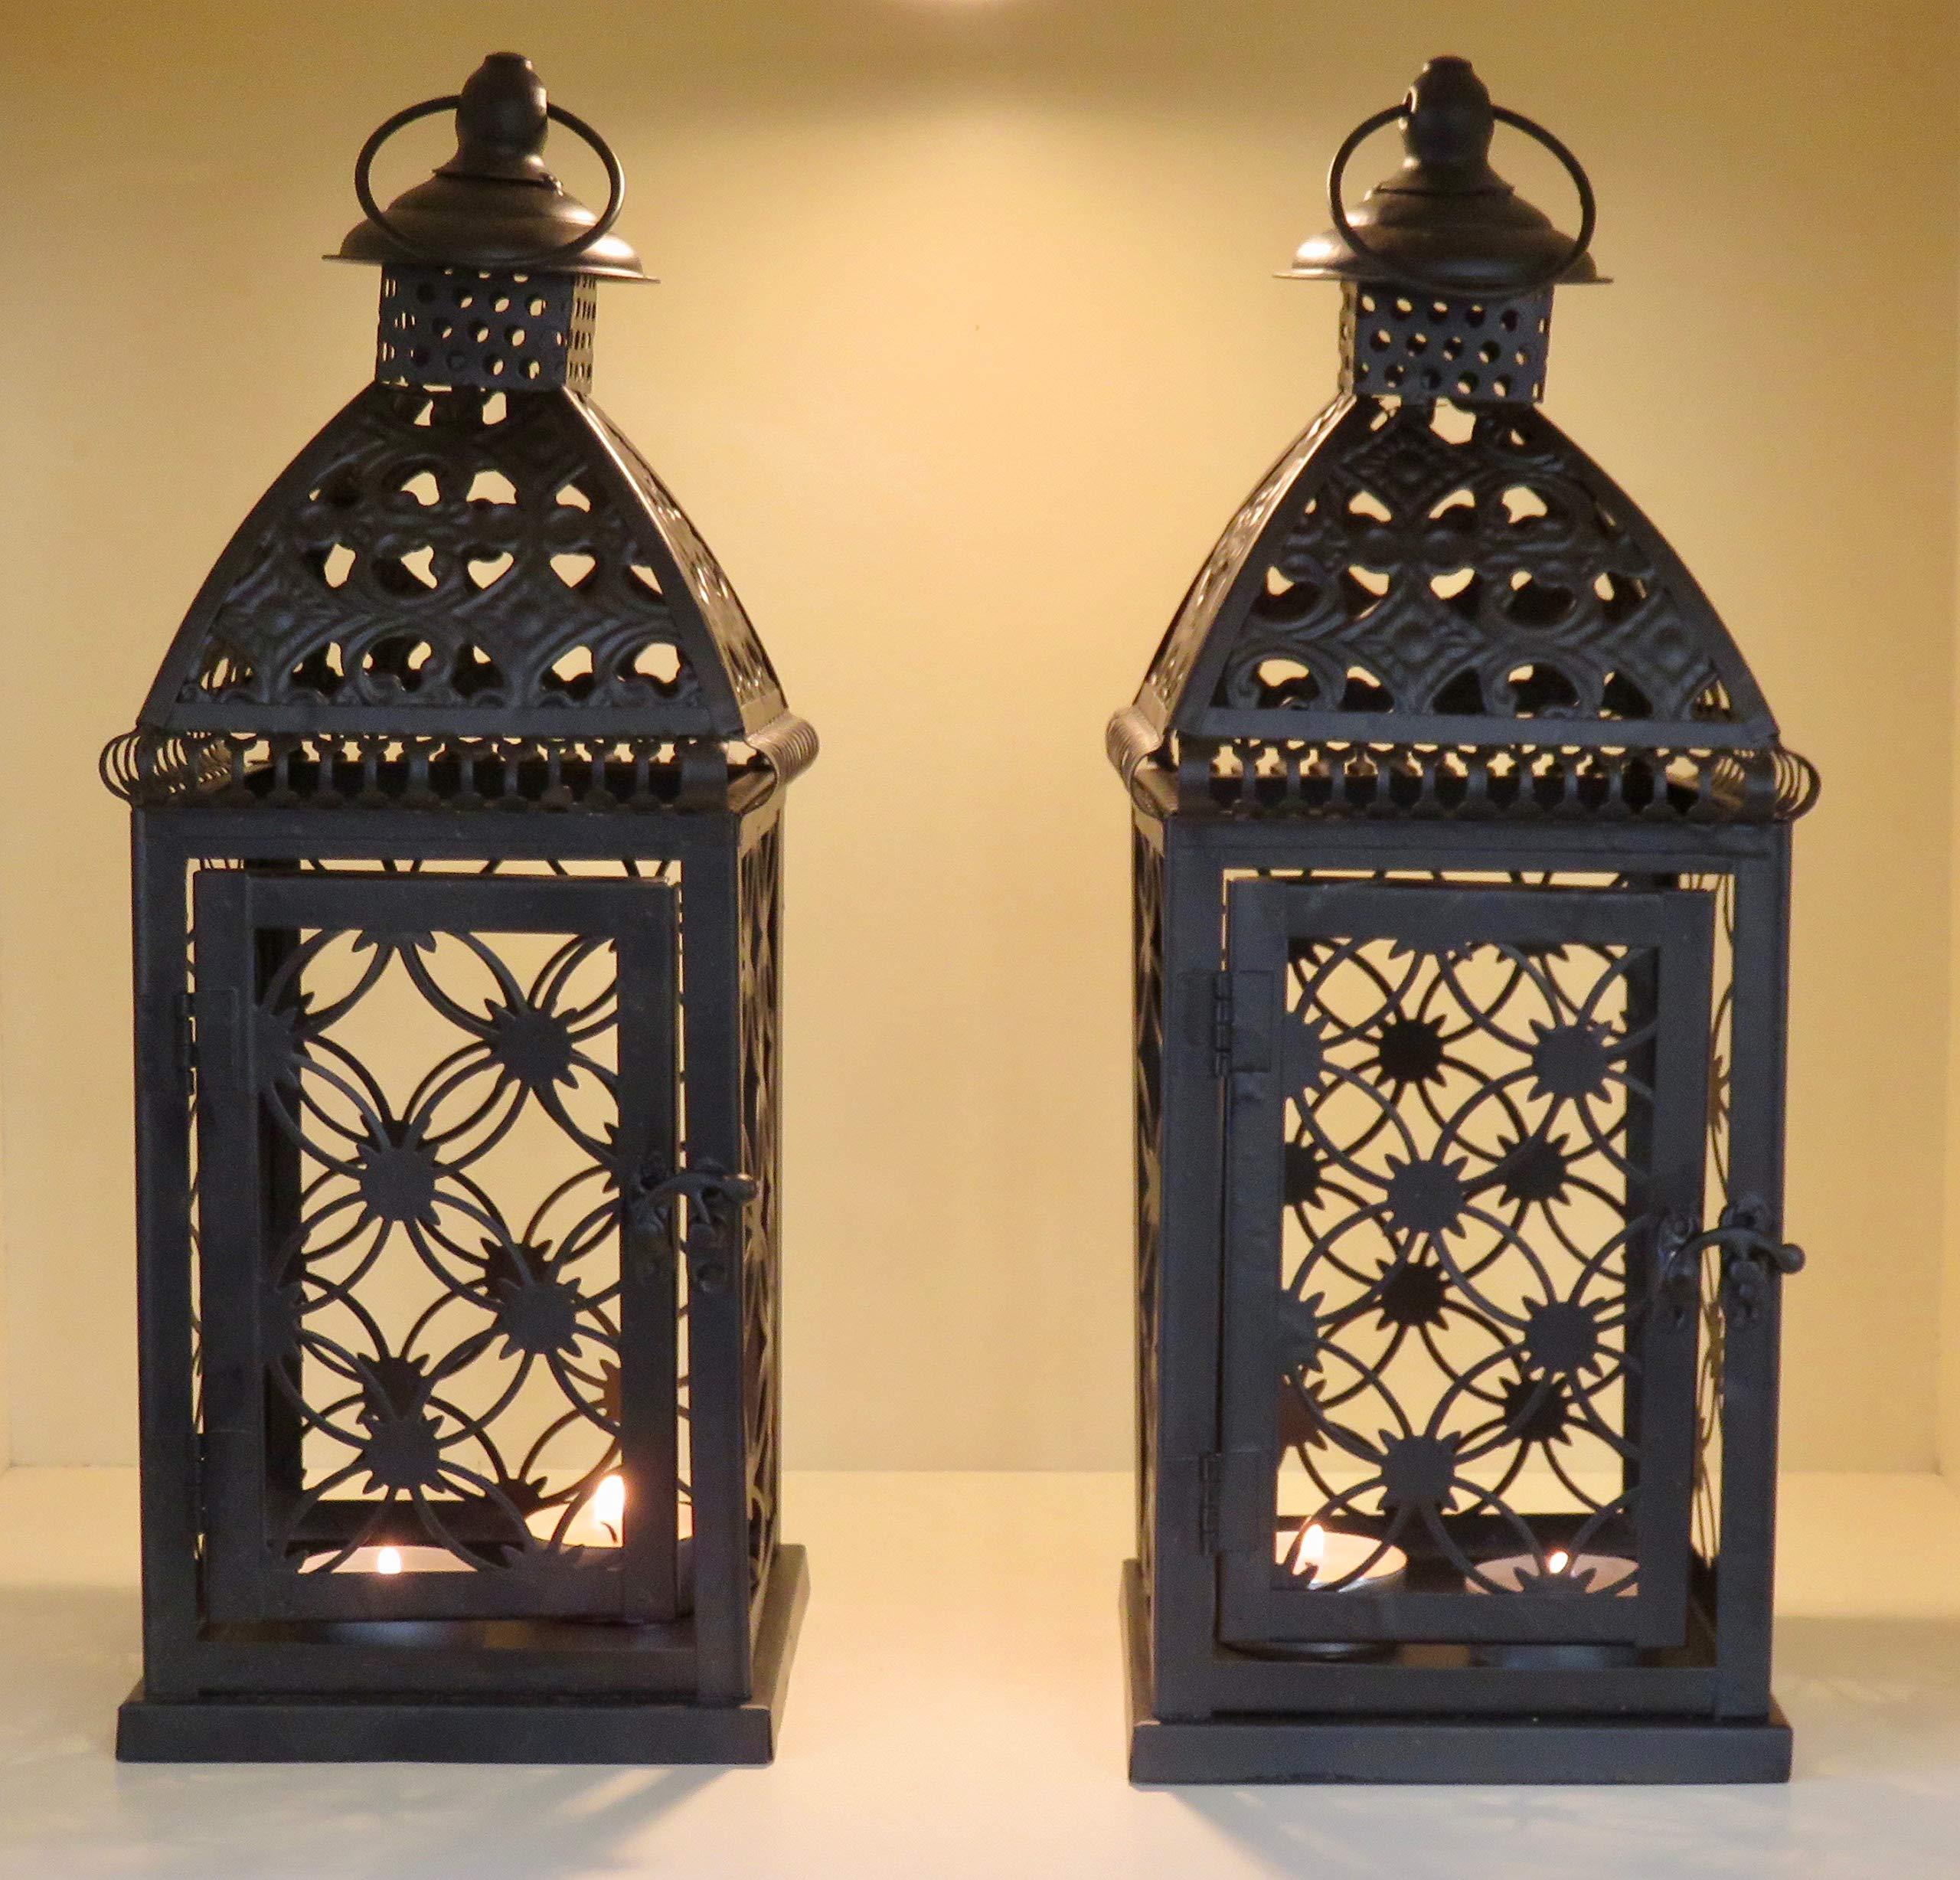 Interior Exterior Negro Dise/ño marroqu/í Set de 2/farolillos de metal no cristal no rupturas